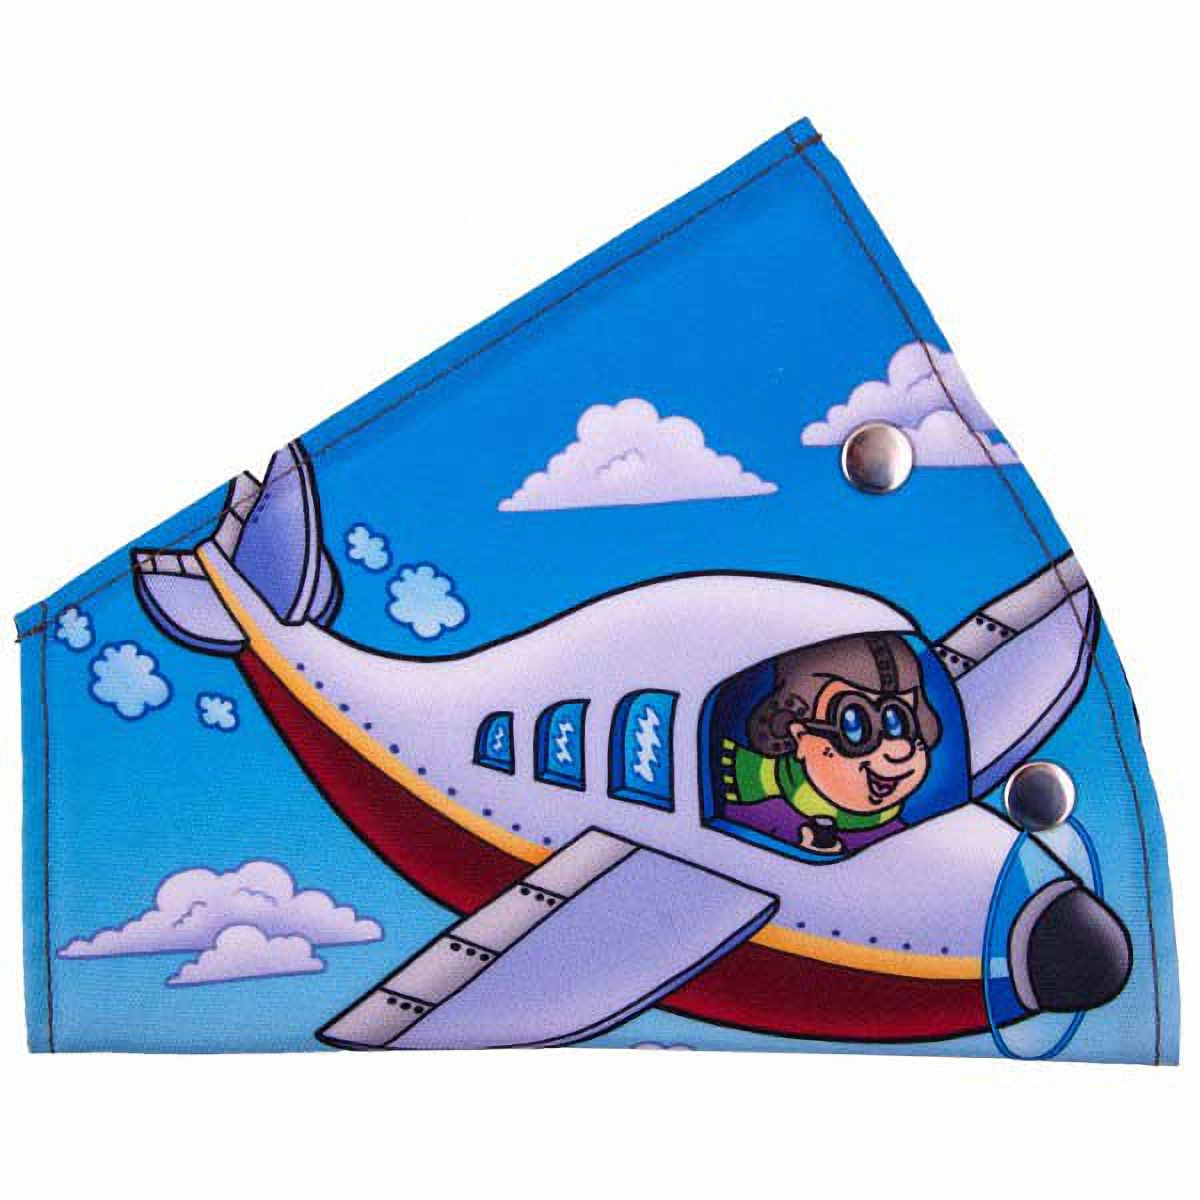 Адаптер ремня безопасности Skyway СамолетикВетерок 2ГФДетский адаптер ремня безопасности, изготовленный из полиэстера и декорированный красочным рисунком, удерживает ремень безопасности в положении, удобном для человека небольшого роста. Удерживающее устройство можно установить на любой трёхточечный ремень безопасности. Подходит для ремней безопасности как слева, так и справа. При перевозке ребёнка до 12 лет адаптер ремня безопасности разрешено устанавливать только на ремни заднего сиденья.Адаптер прост в установке, легко фиксируется при помощи быстрозастегивающегося крепления.Изделие уменьшает давление ремней на тело ребёнка, удаляет ремень от лица ребенка, обеспечивая ему комфорт во время поездок.Тип крепления: кнопки.